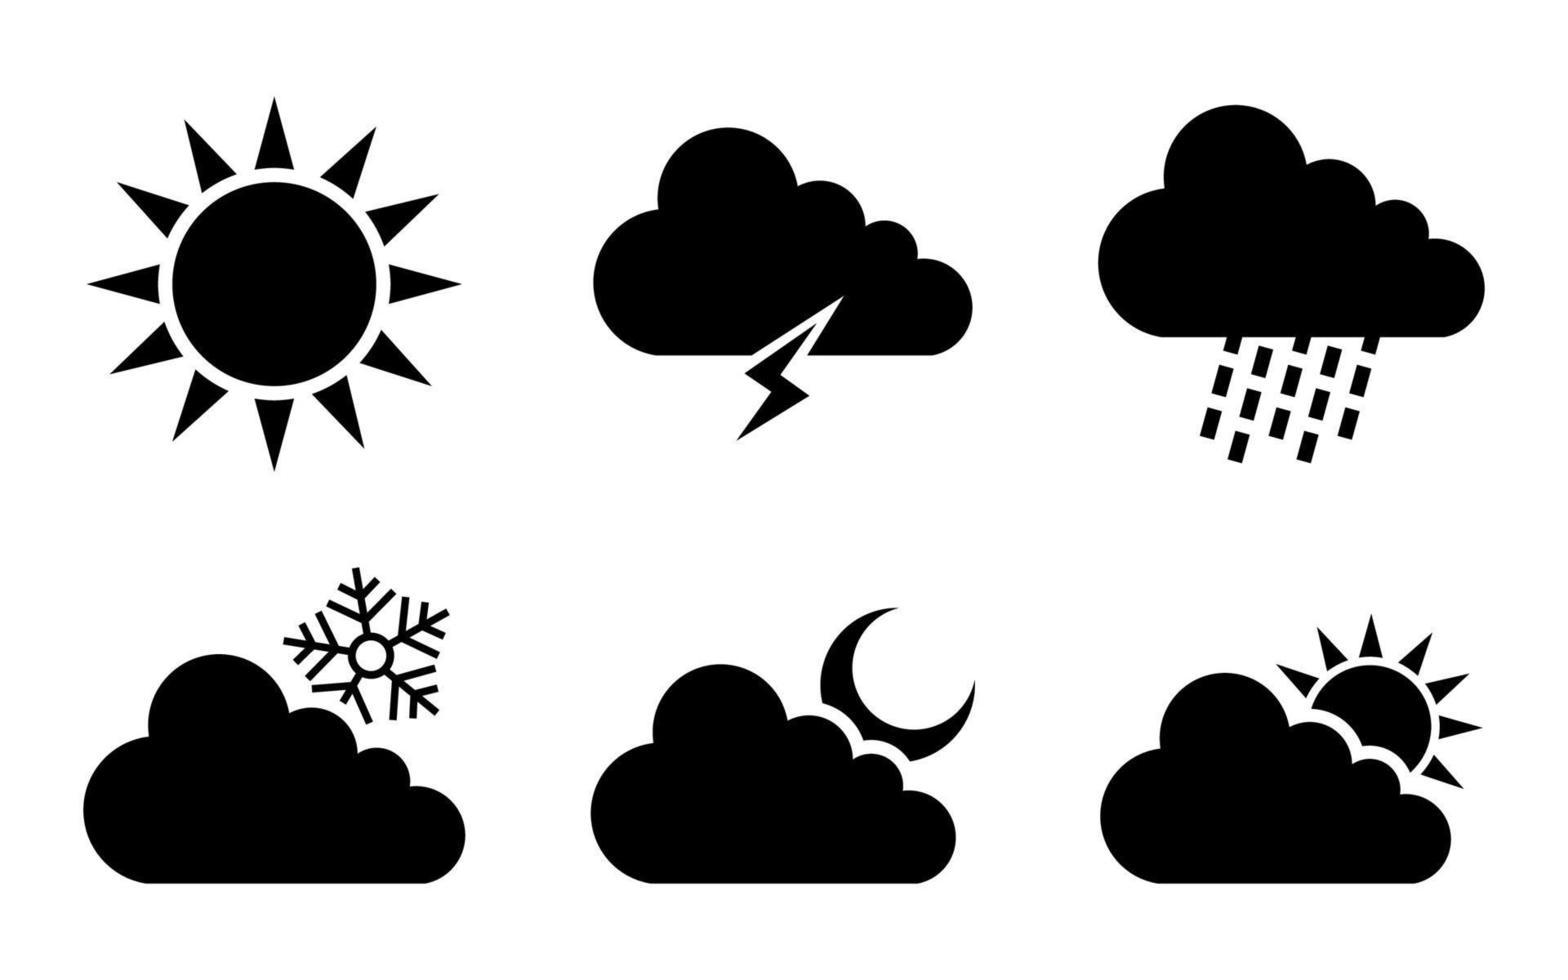 conjunto de ícones do tempo - ilustração vetorial. vetor